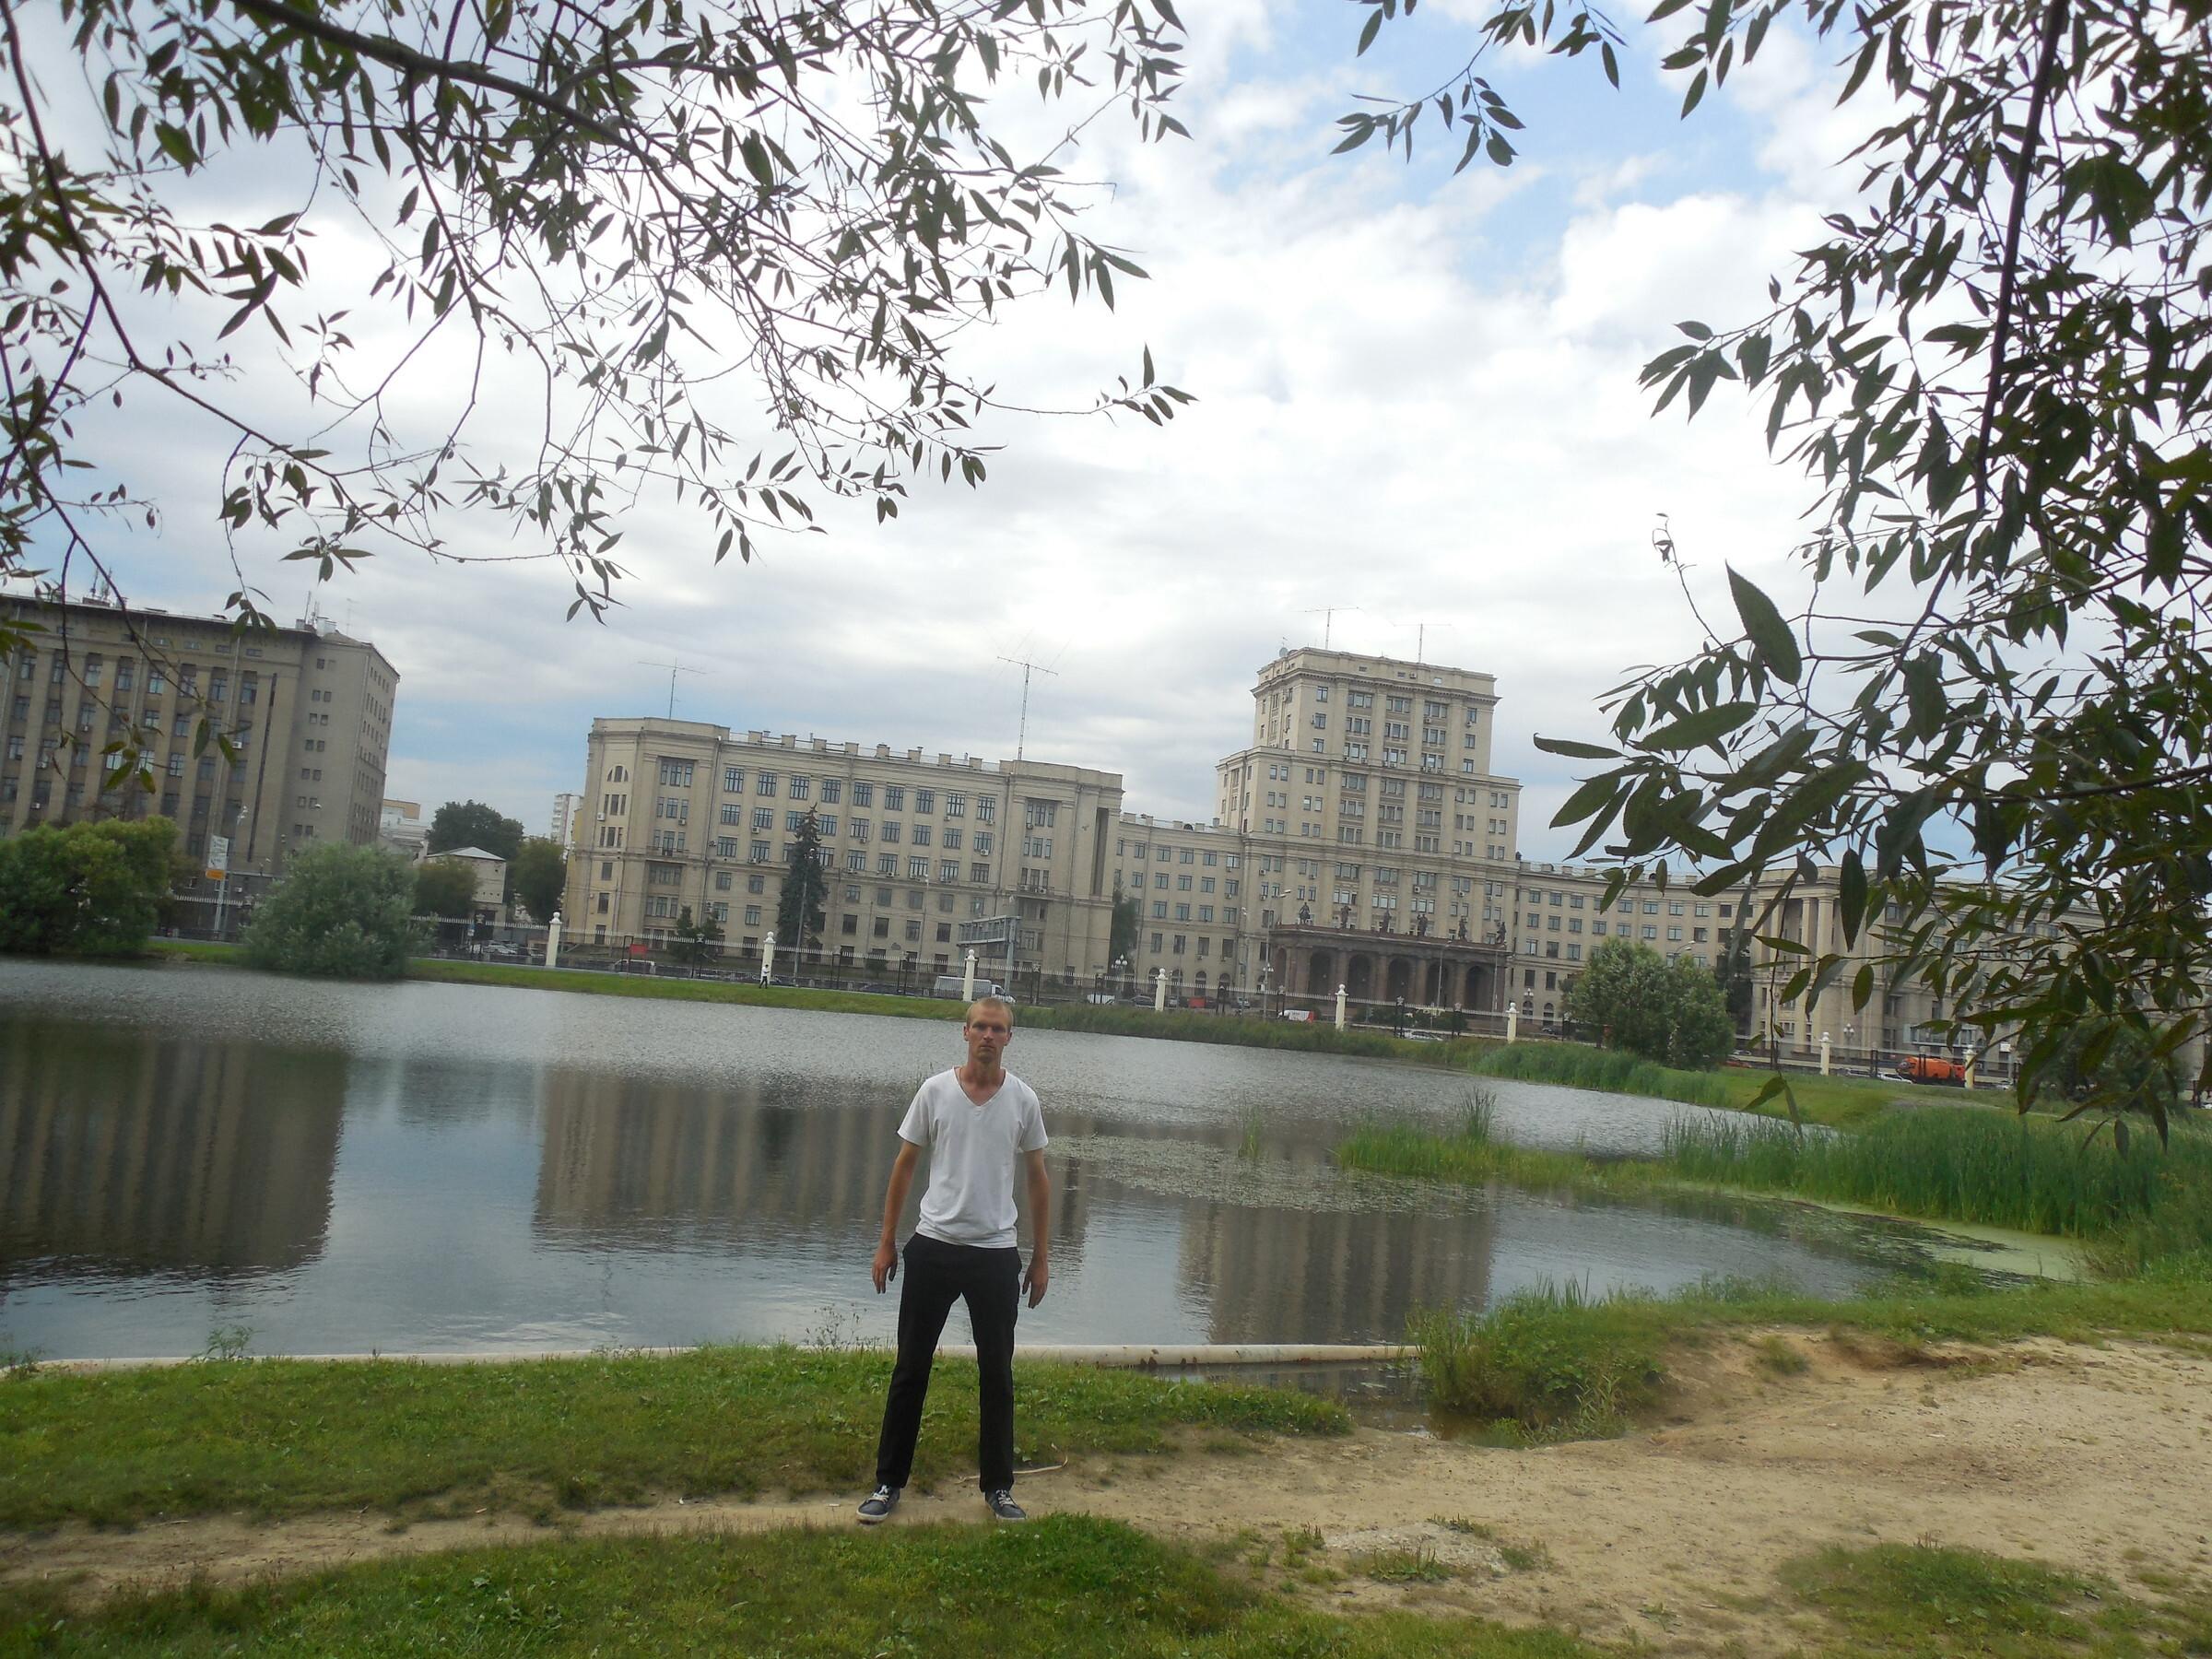 Лефортовский парк: Большой (Верхний) Лефортовский пруд - вид на МГТУ имени Баумана, Москва - Лефортовский парк